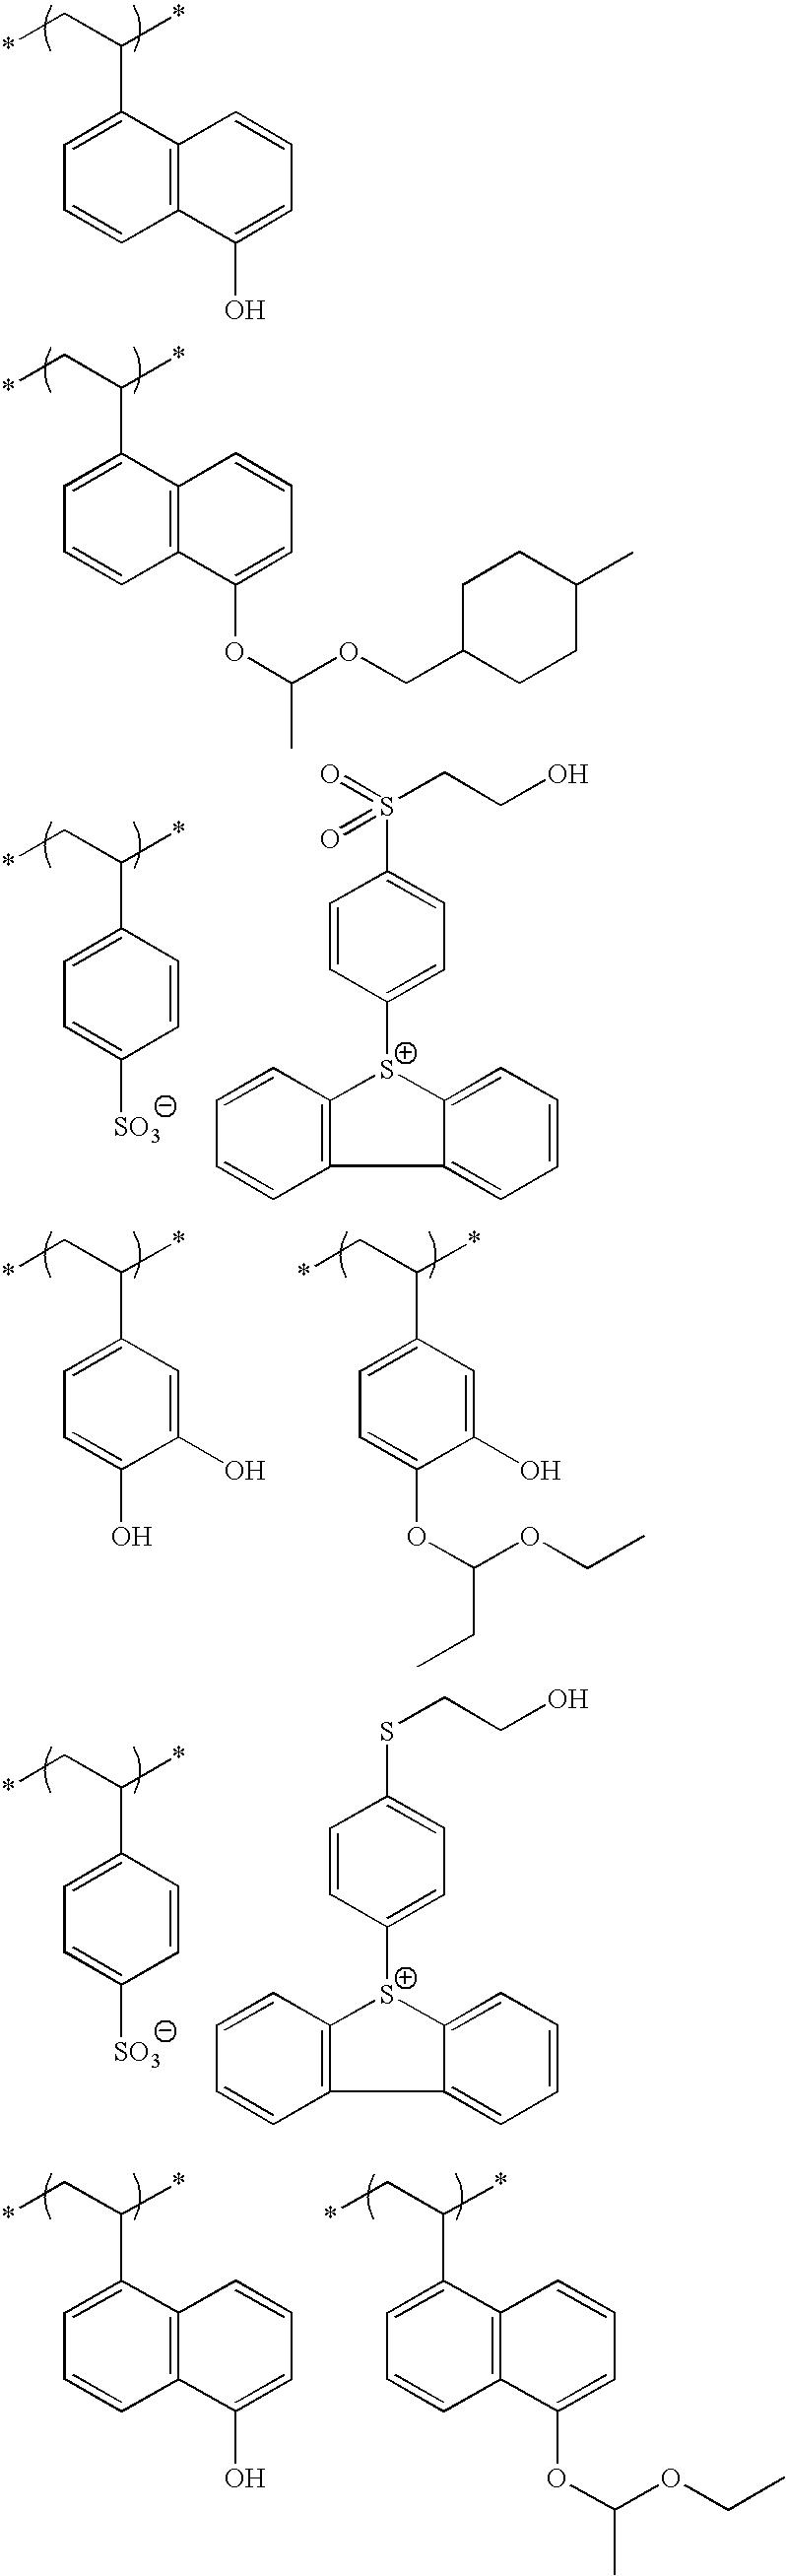 Figure US20100183975A1-20100722-C00183